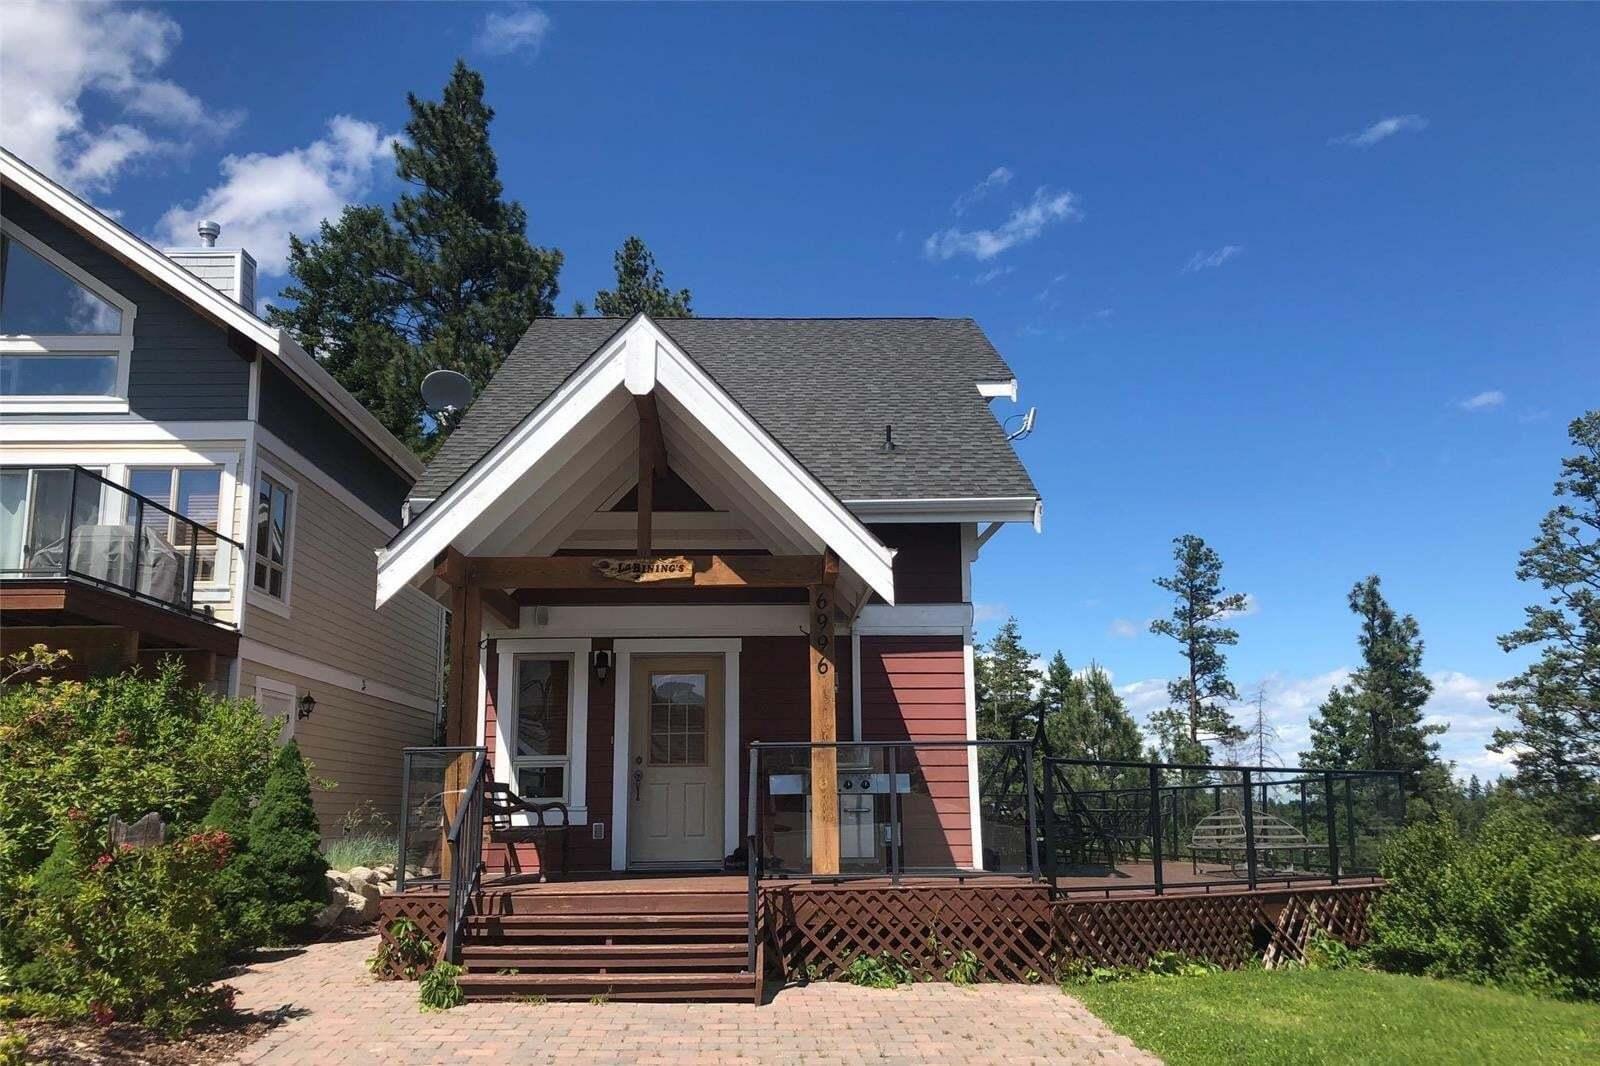 House for sale at 6996 Terazona Dr Kelowna British Columbia - MLS: 10207111